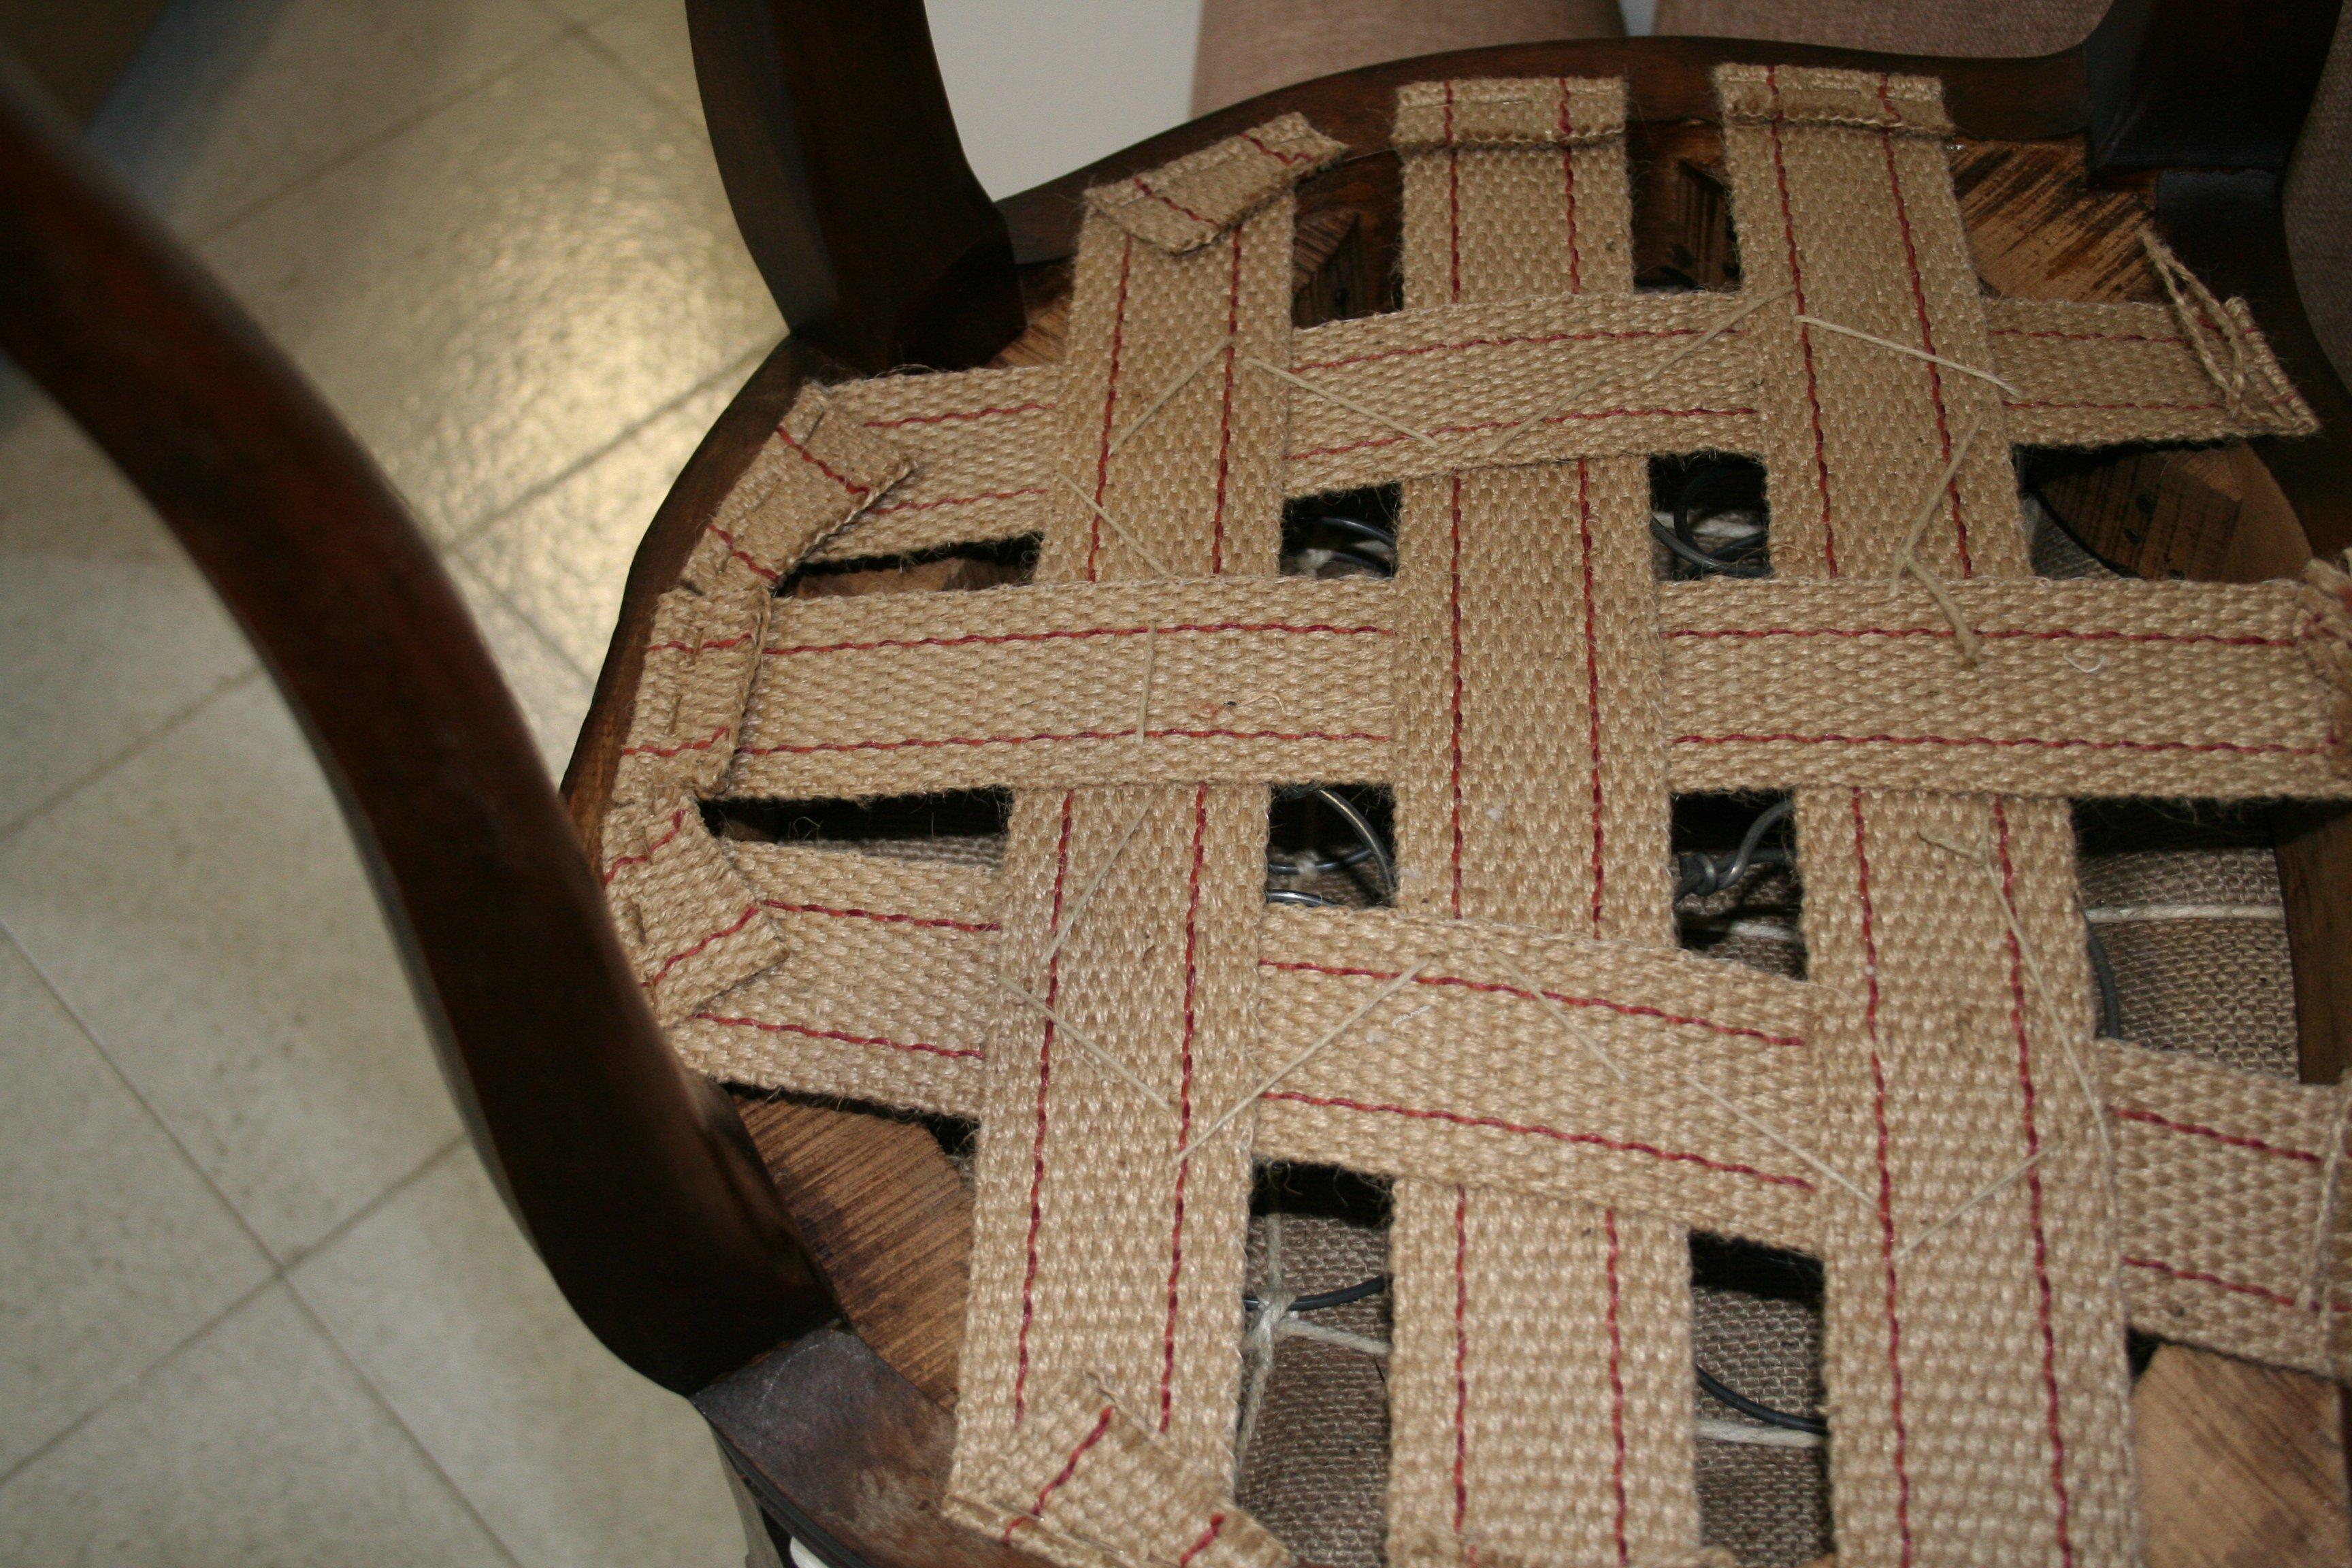 copri sedile di una sedia in tessuto